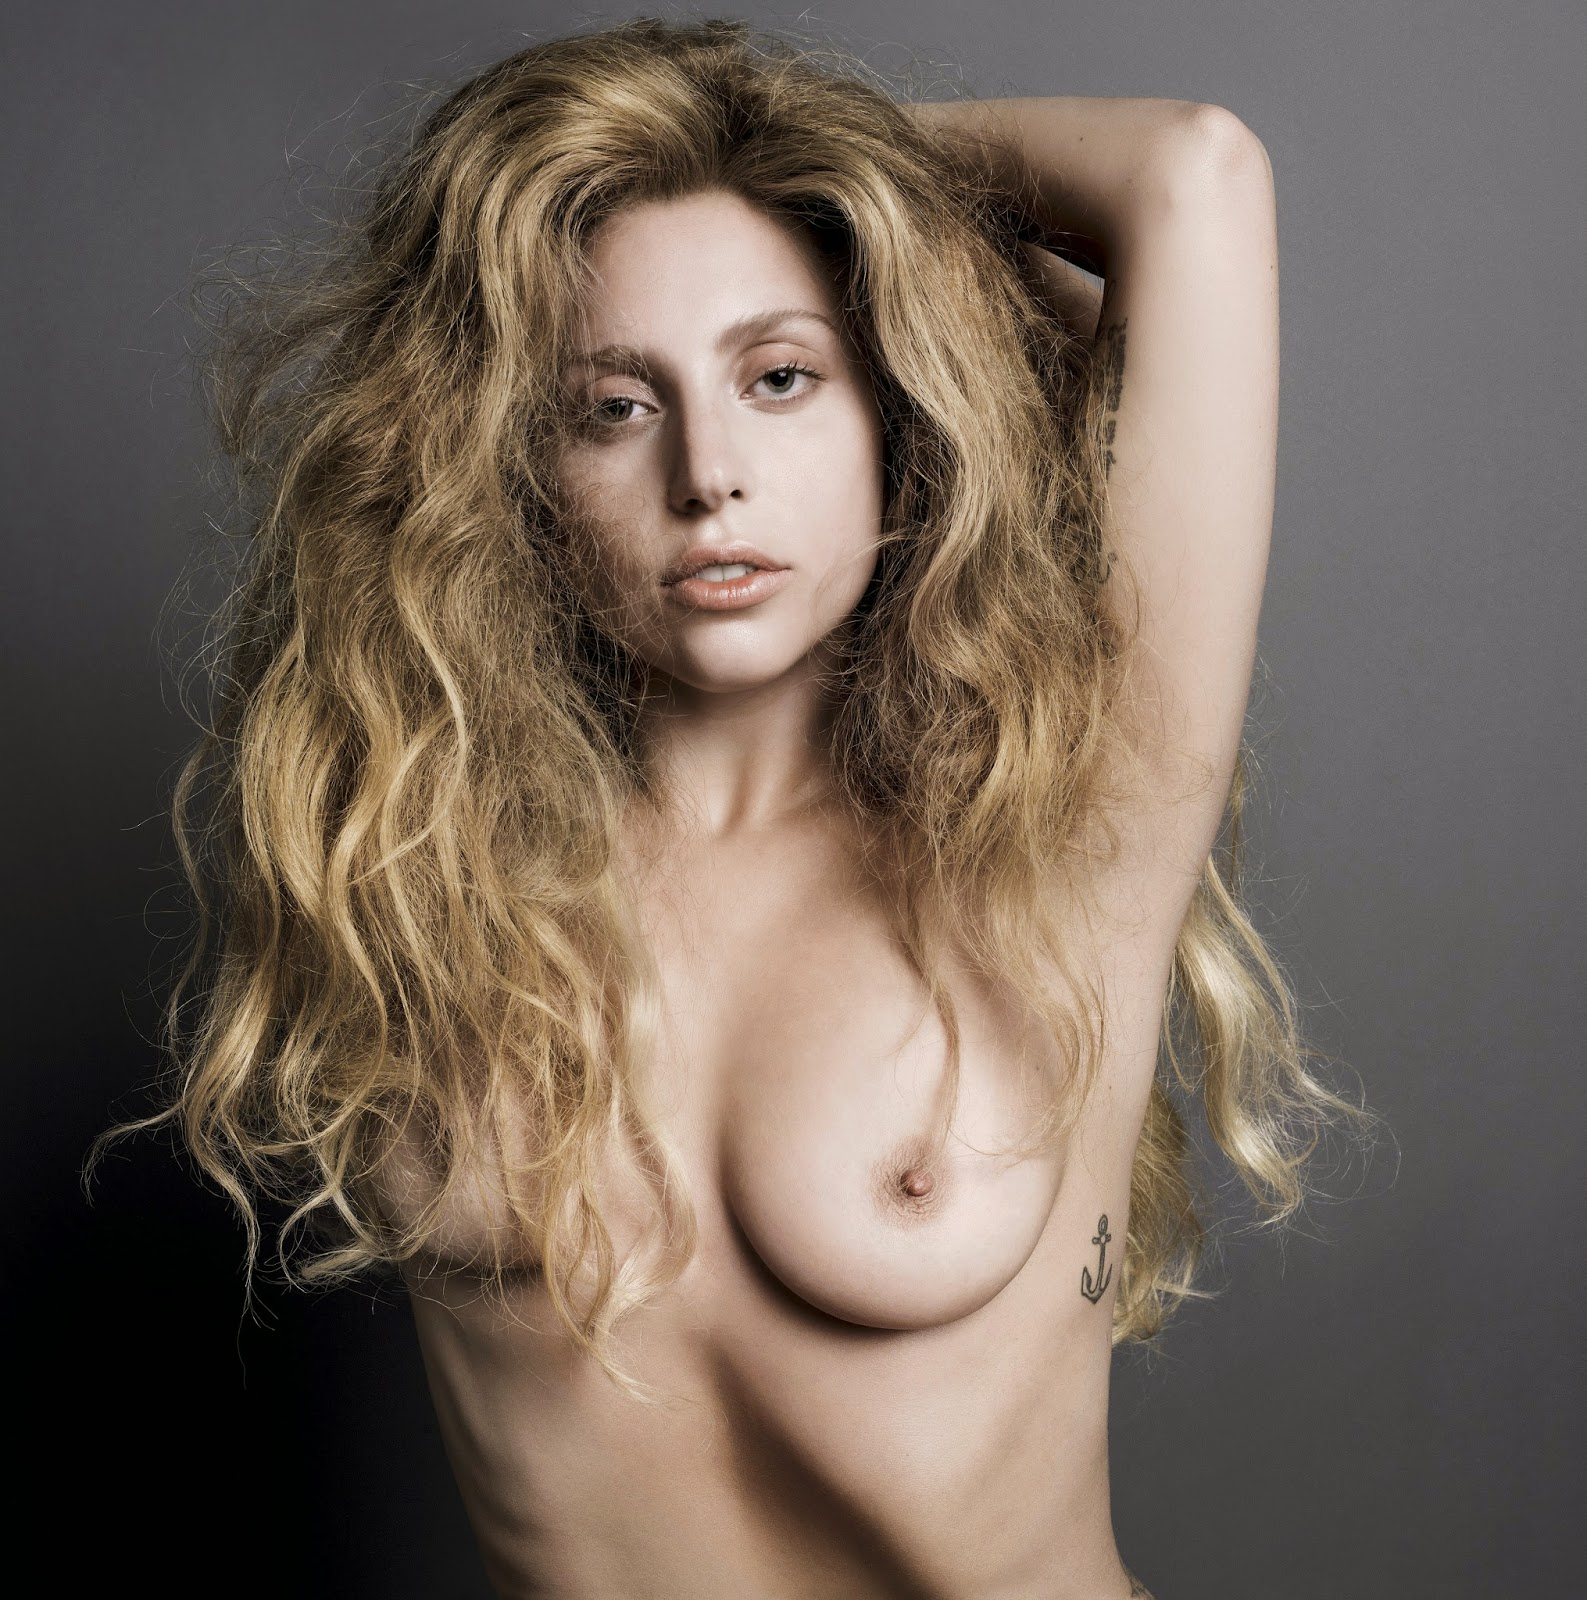 Gaga boobs nude